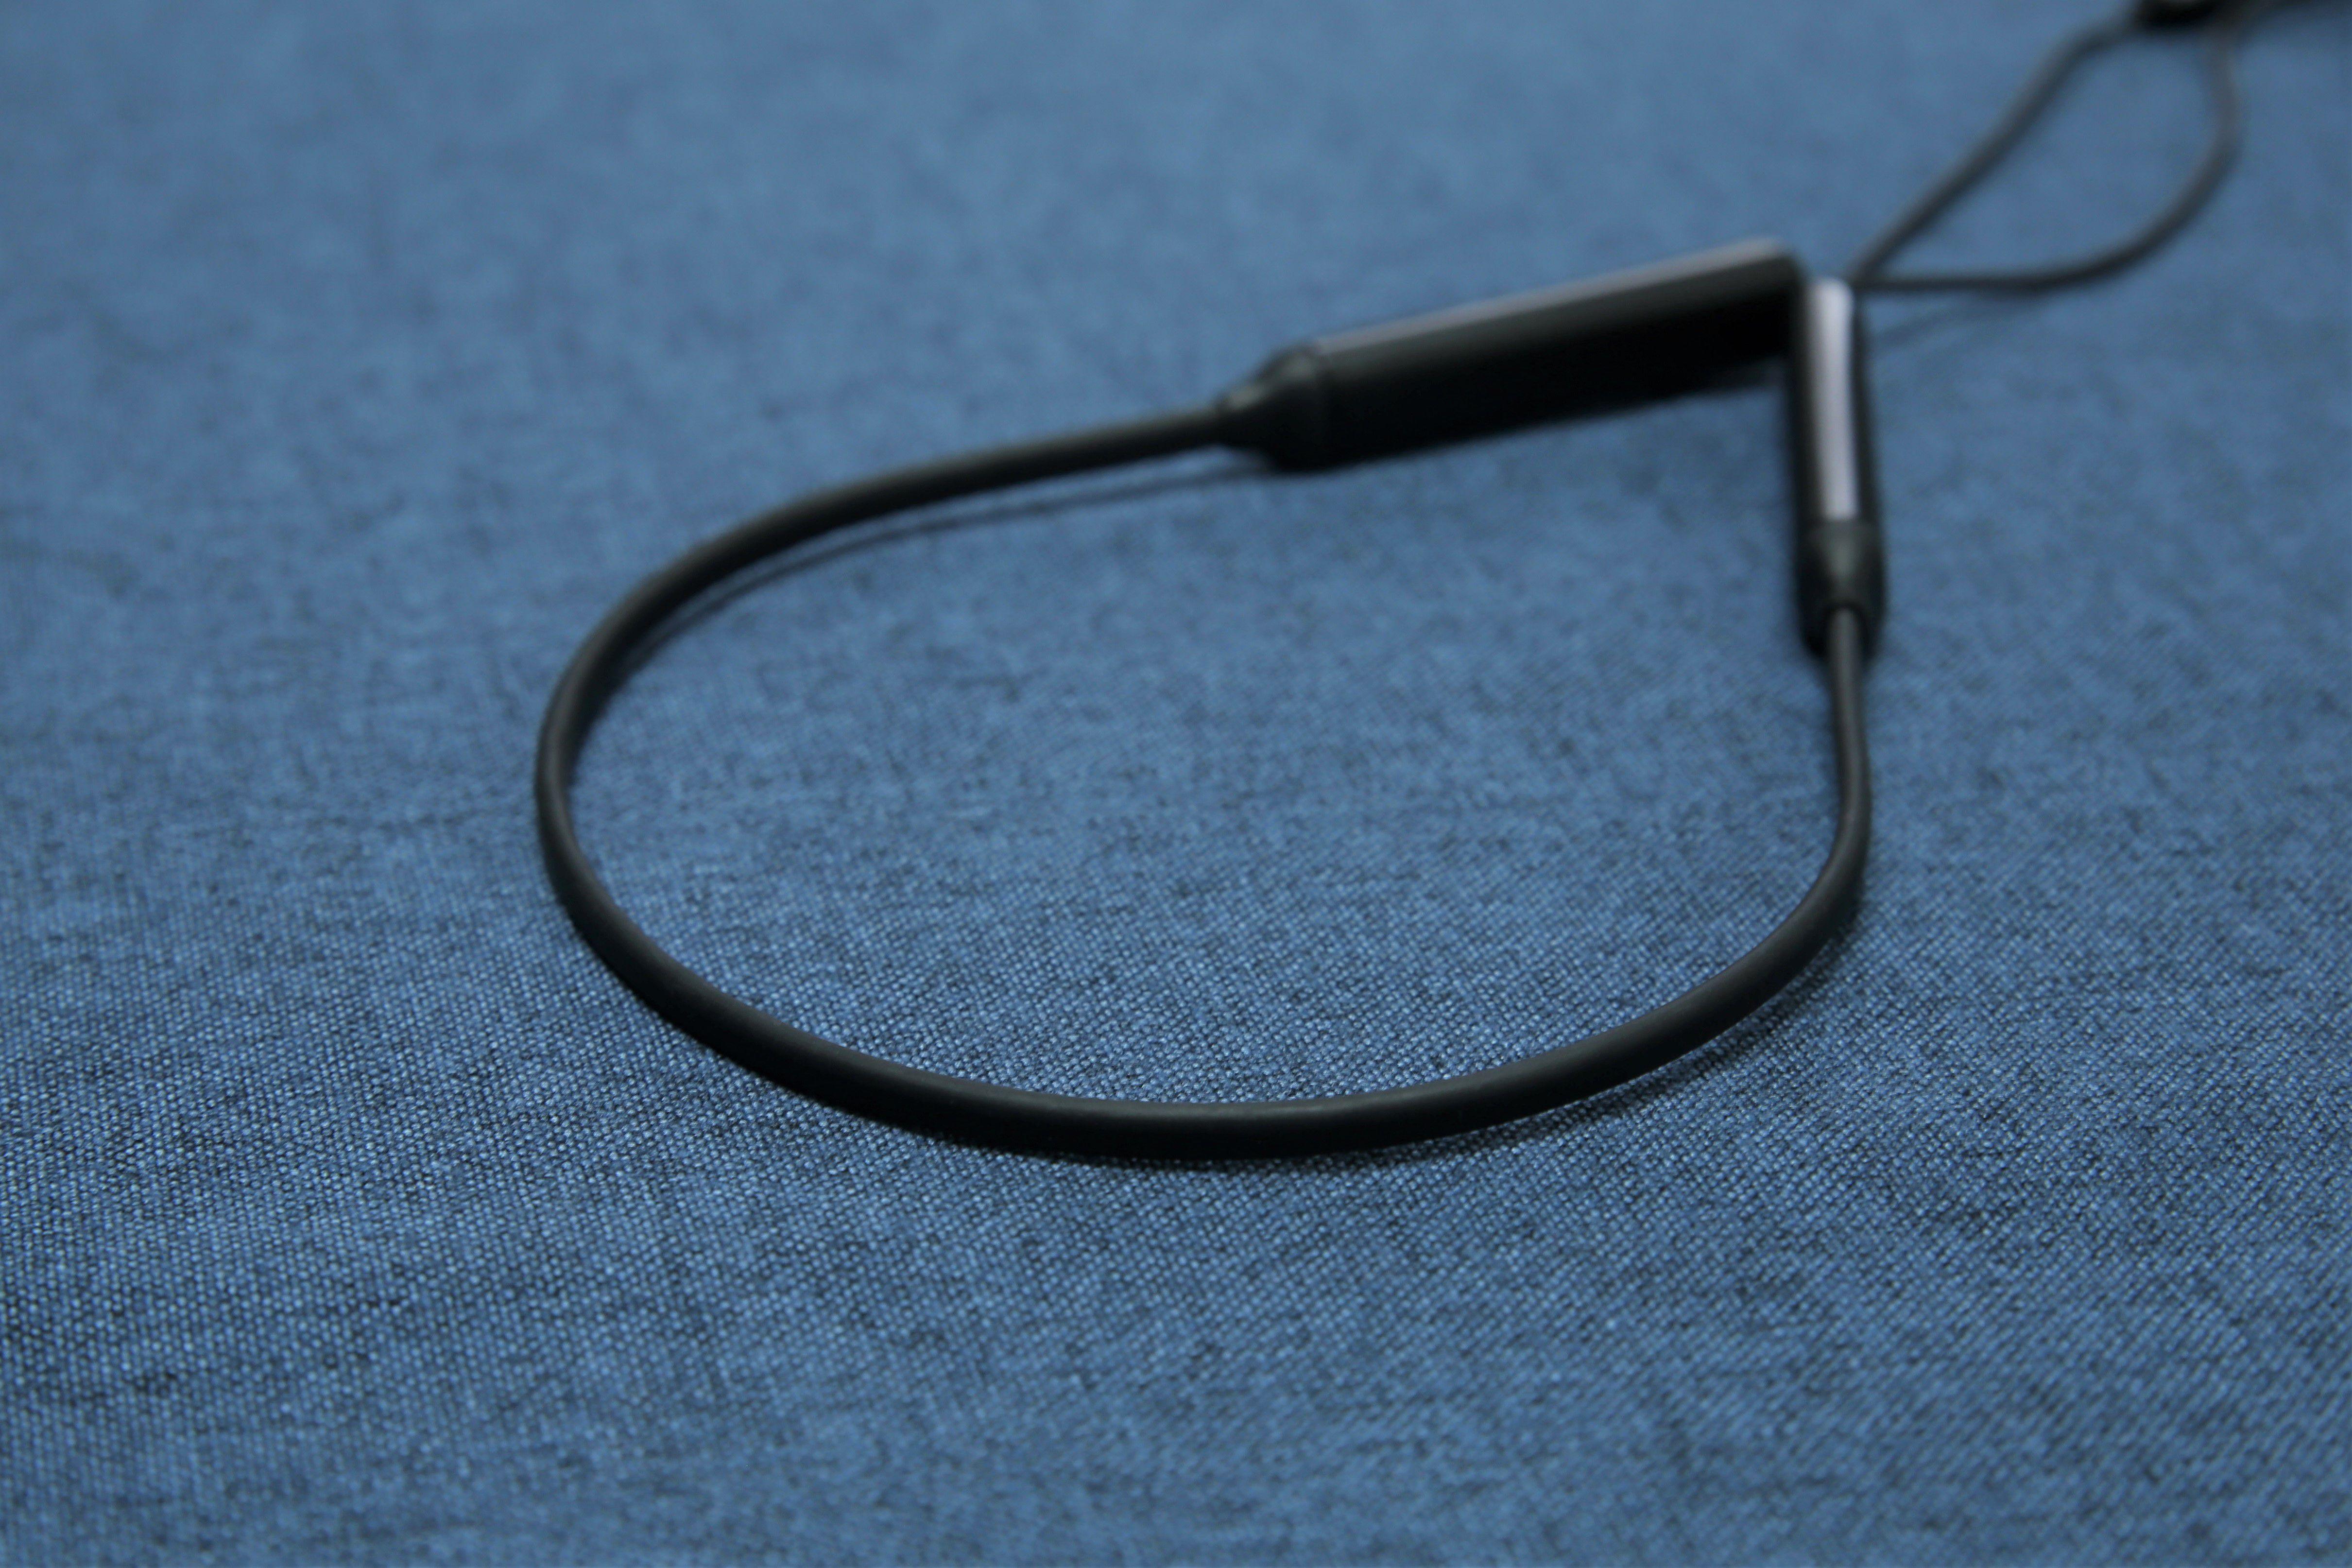 TaoTronics TT-BH042頸掛式降噪藍牙耳機 - 頸圈線